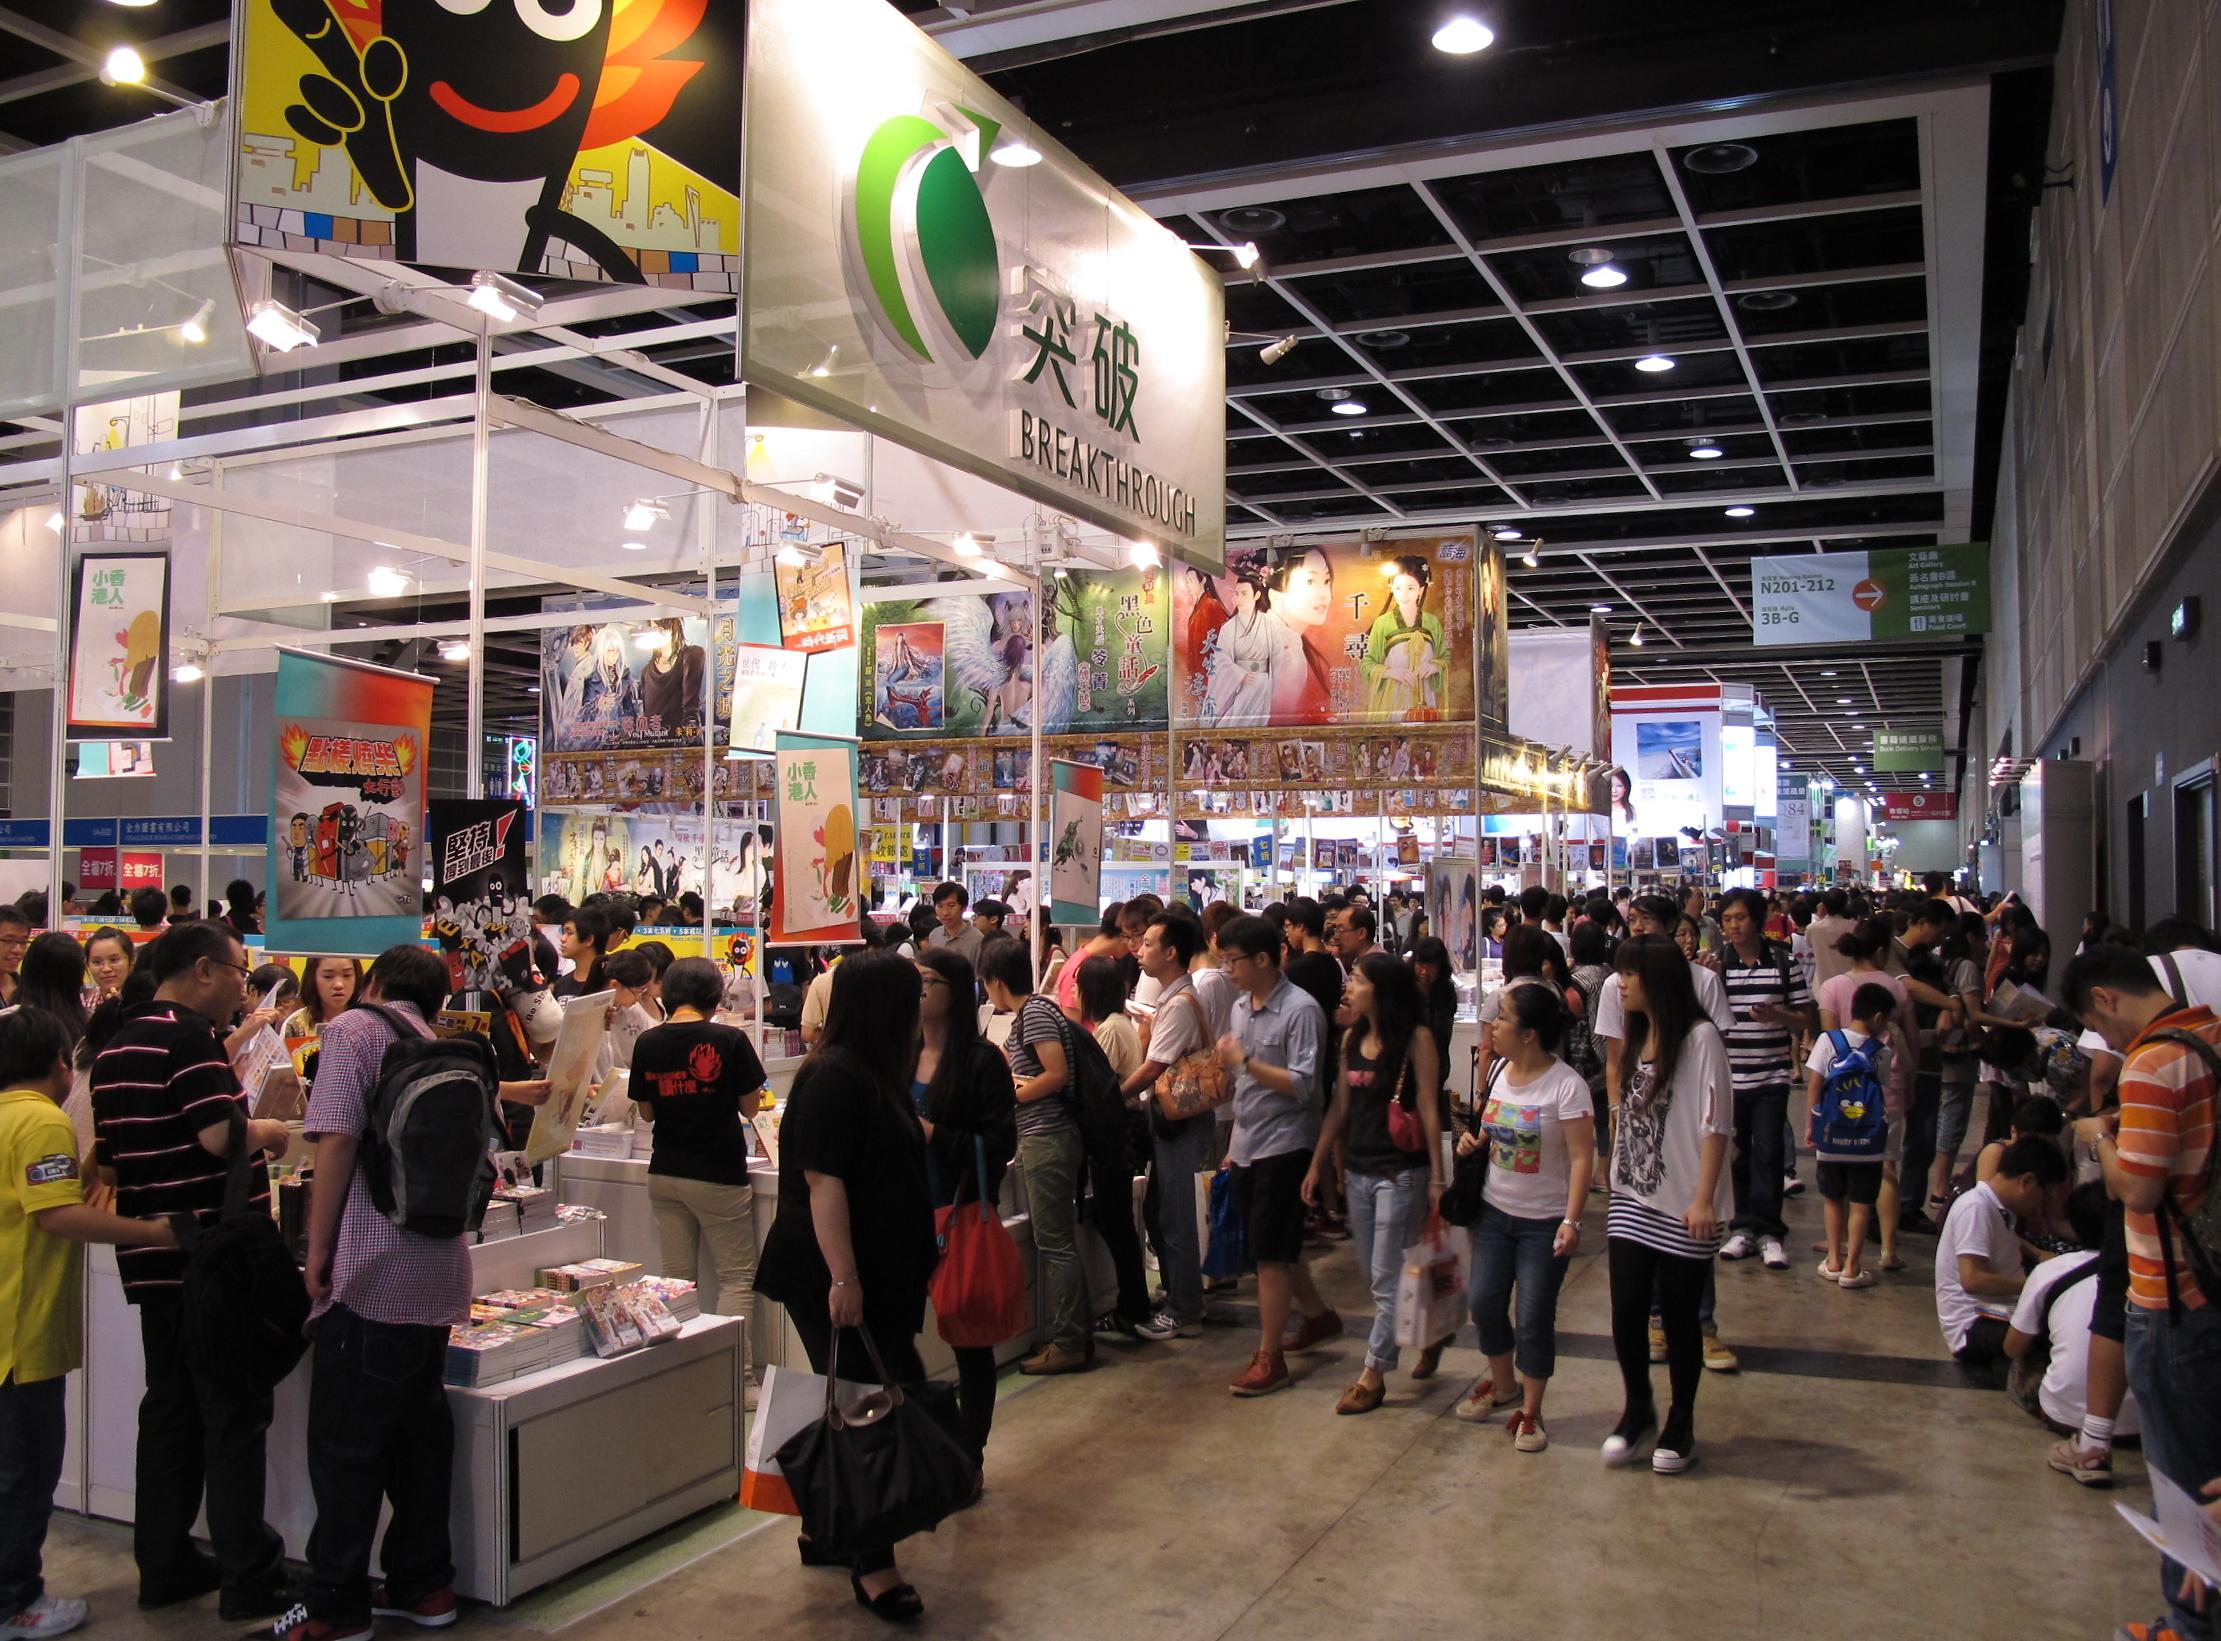 Book fair 2012 hong kong